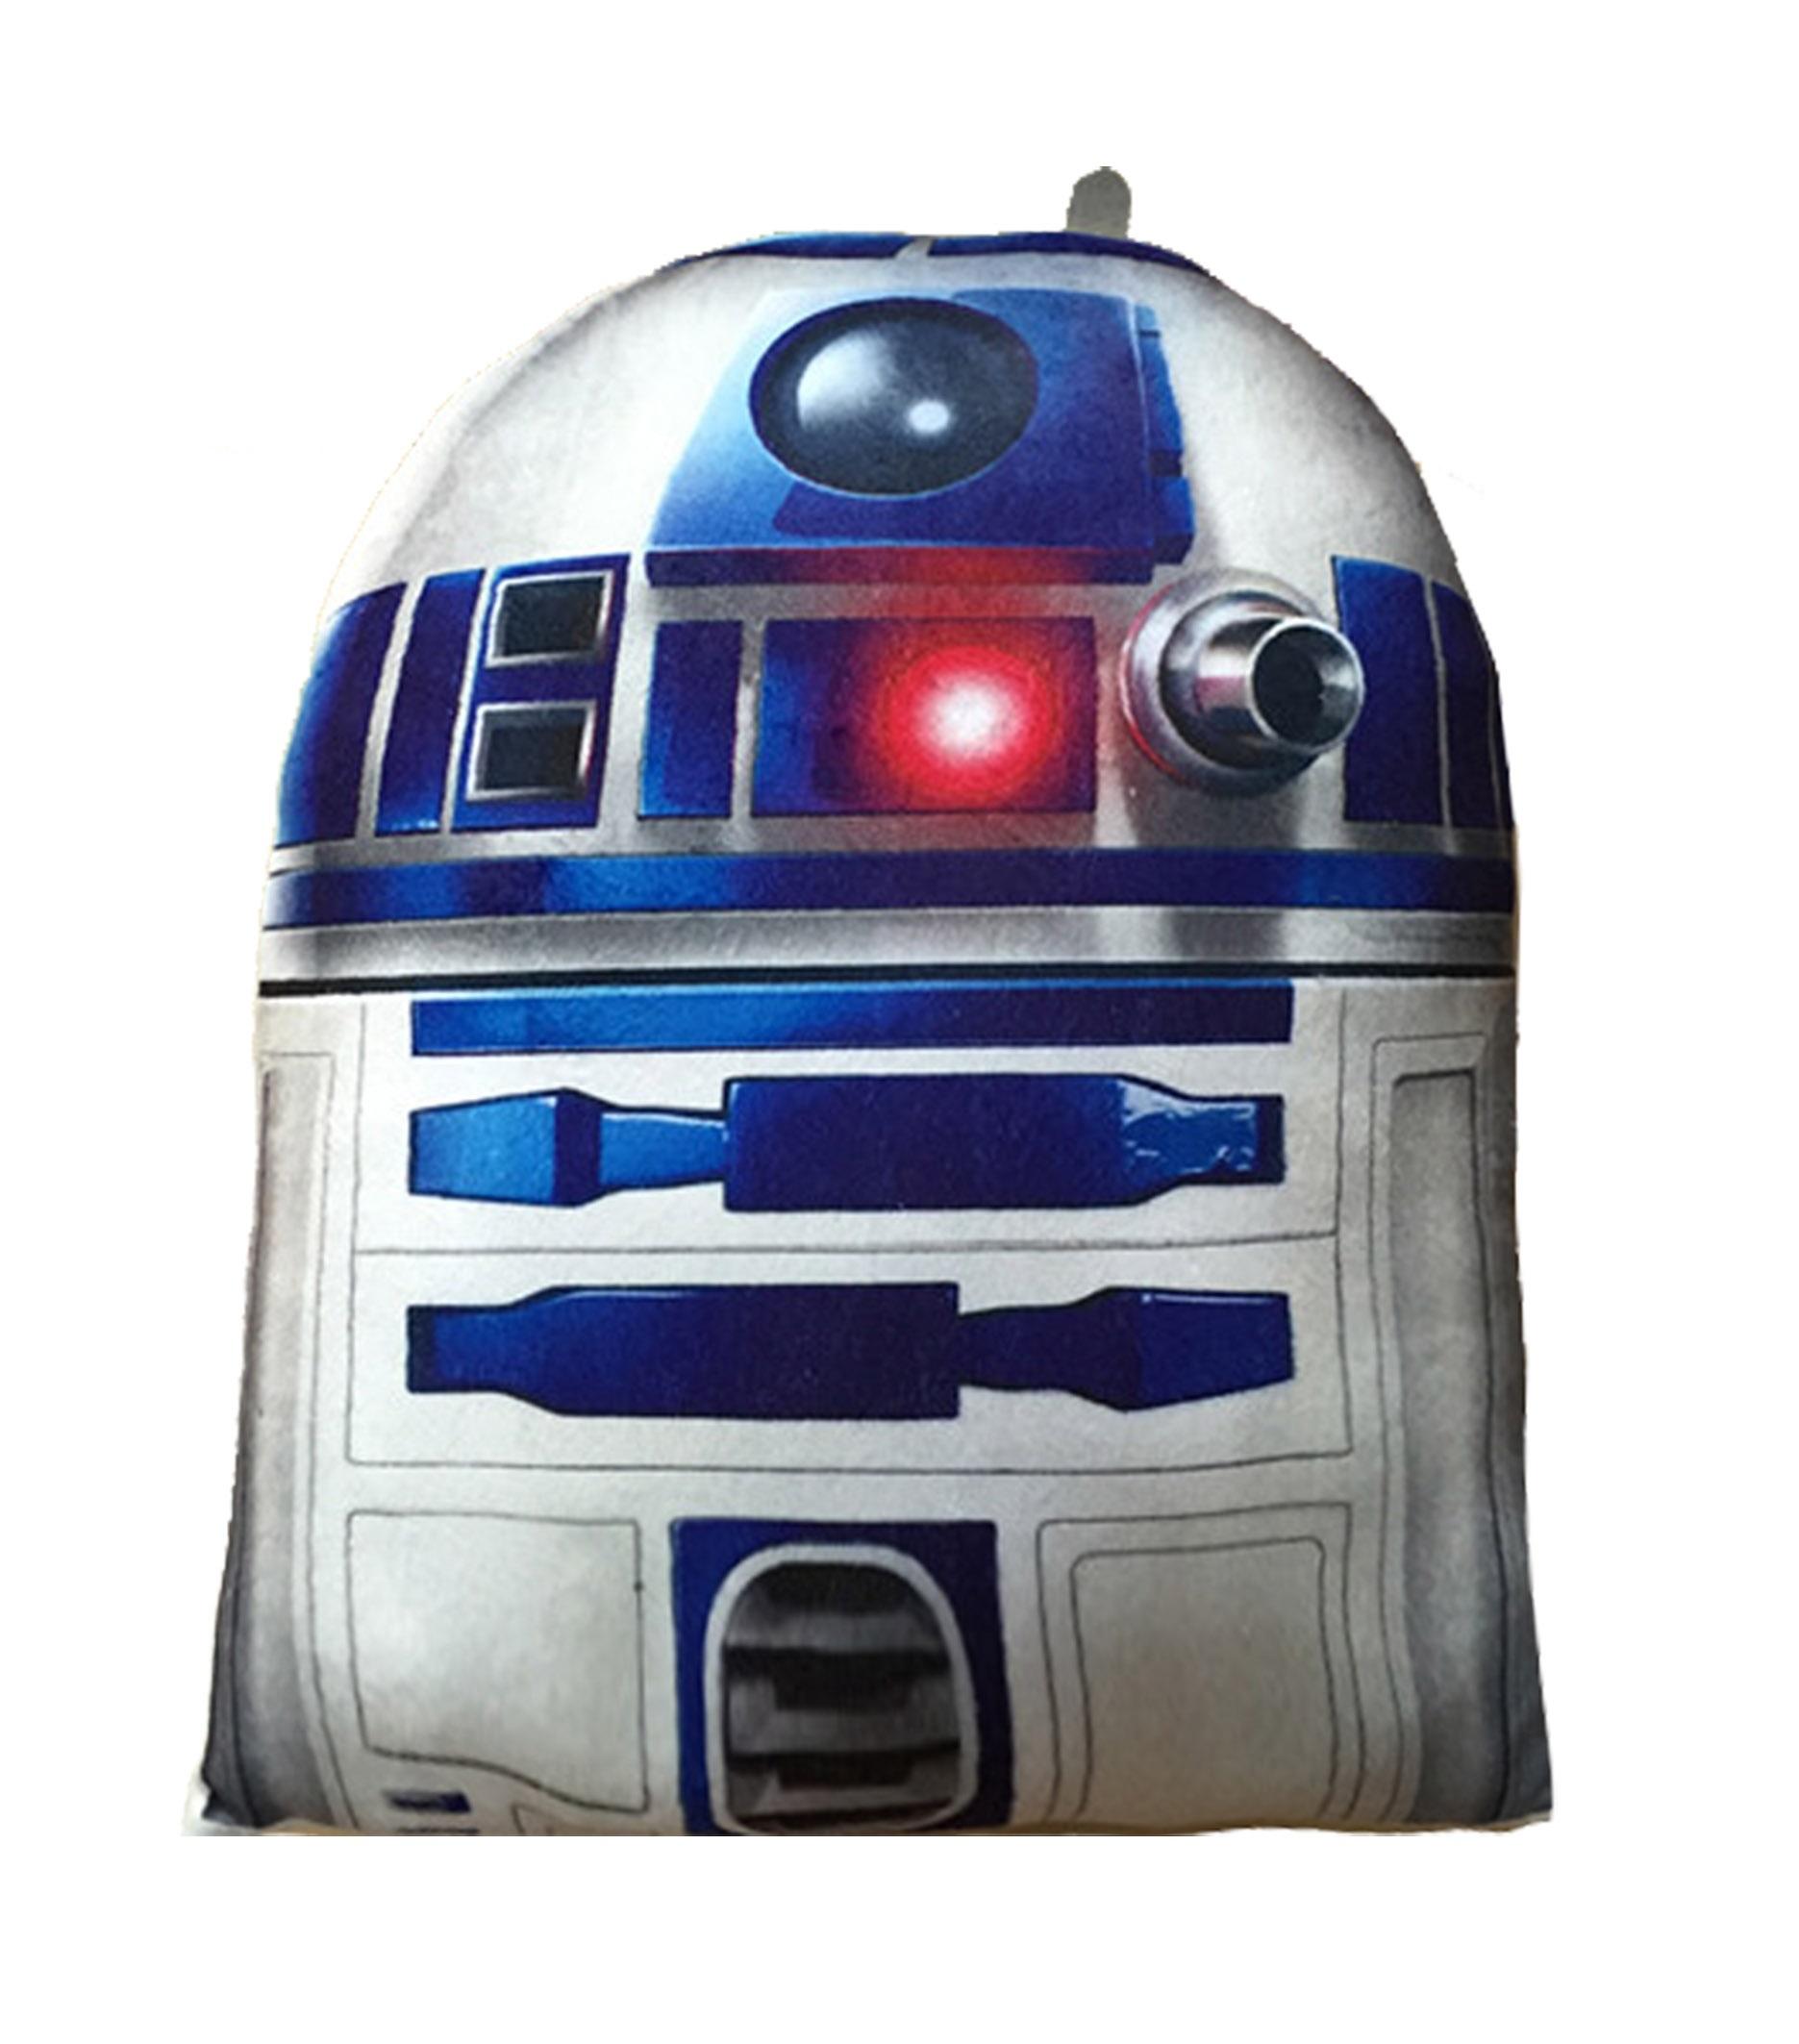 Мягкая игрушка-подушка Star Wars. R2-D2 (20 см)Представляем вашему вниманию мягкую игрушку-подушку Star Wars. R2-D2, созданную по мотивам саги о Звездных войнах.<br>